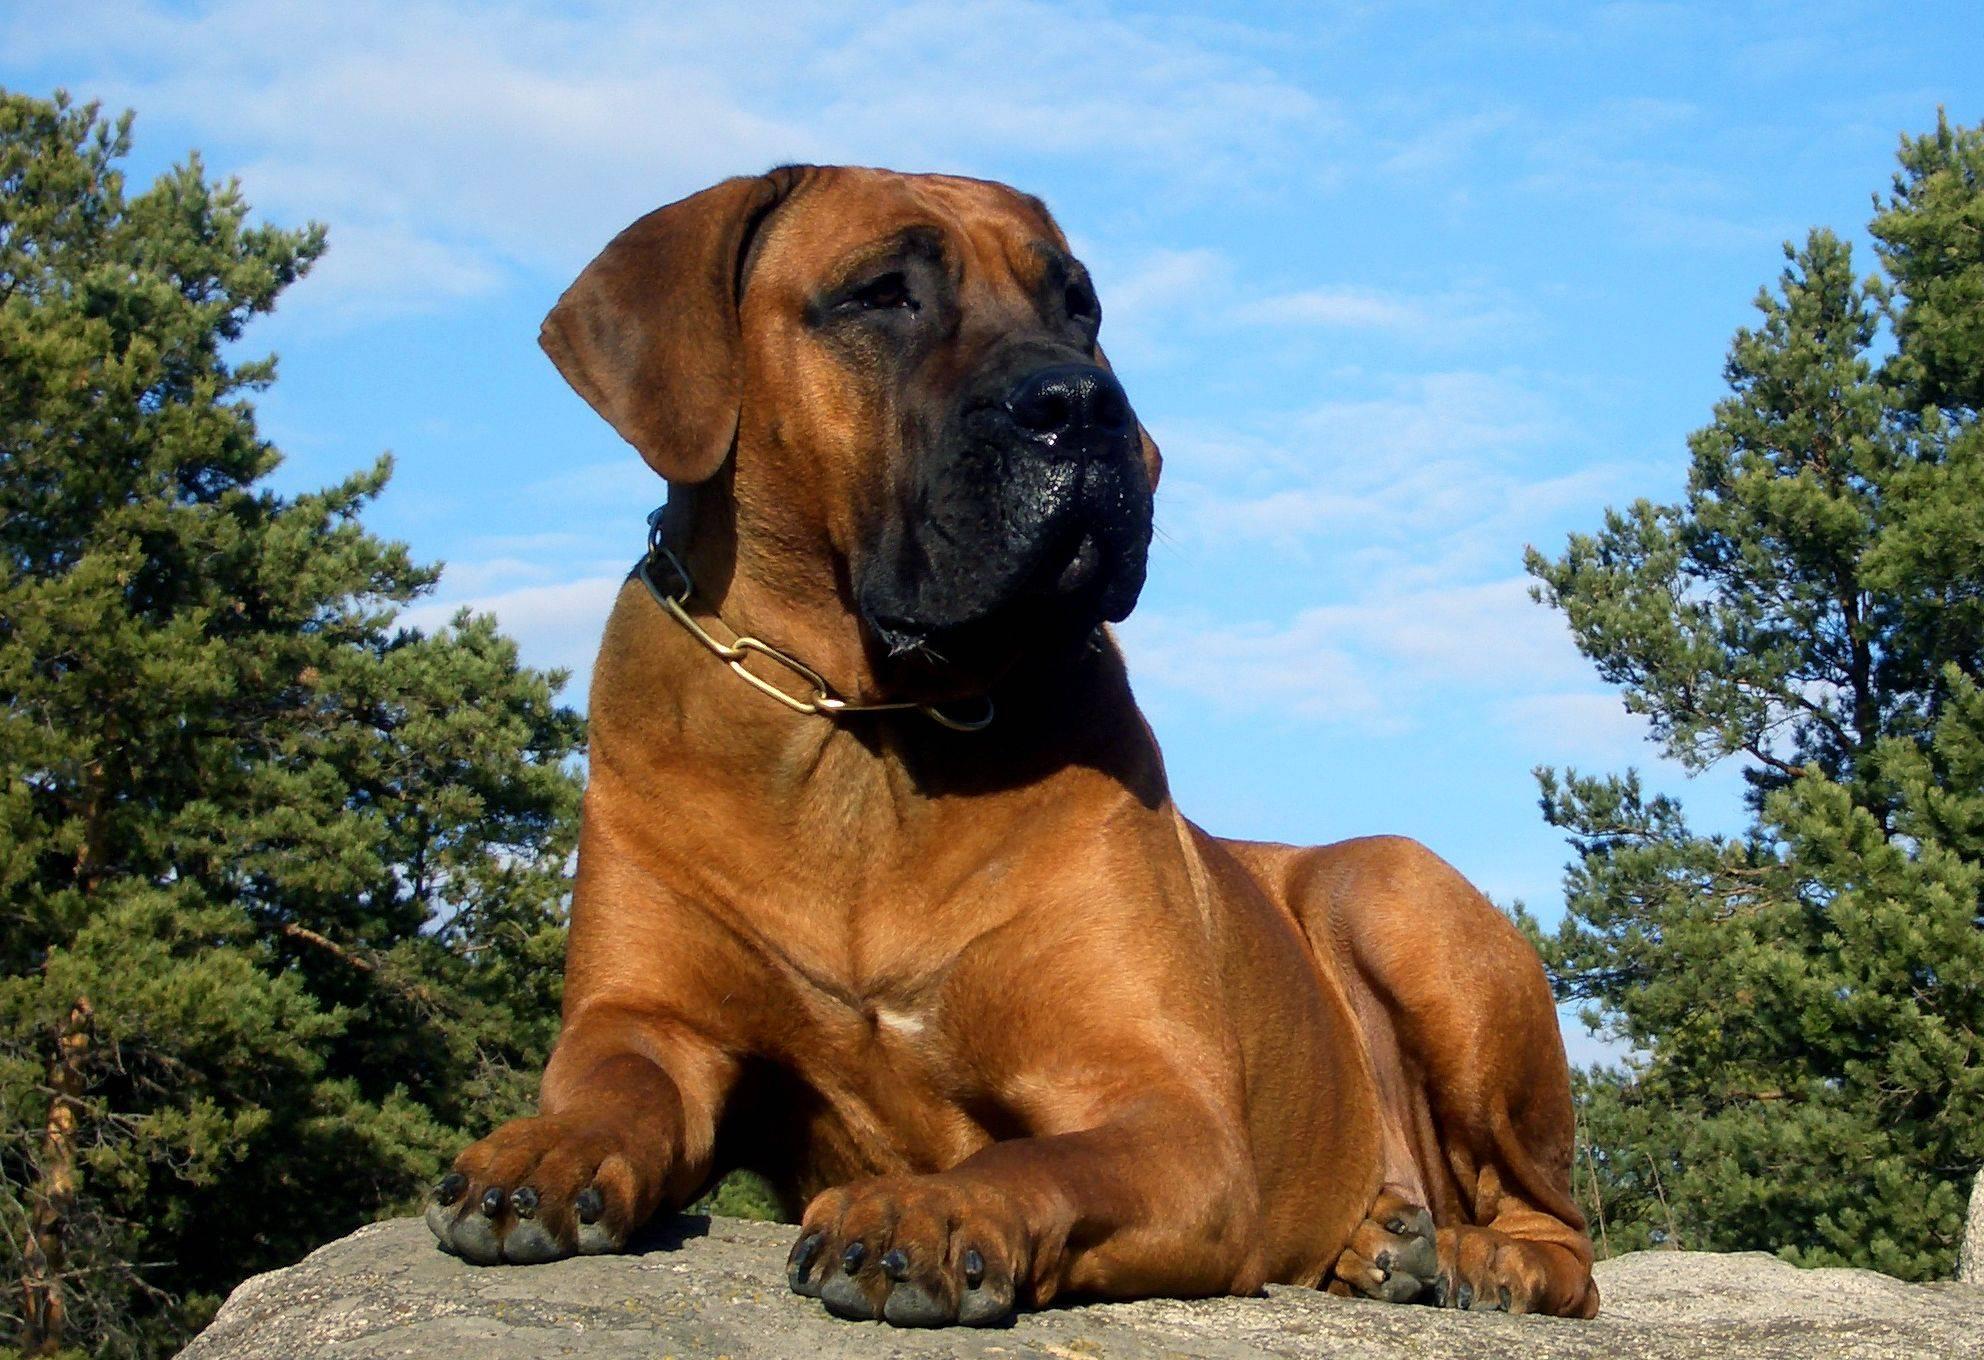 Африканский бурбуль: характеристики, история породы, особенности содержания собаки